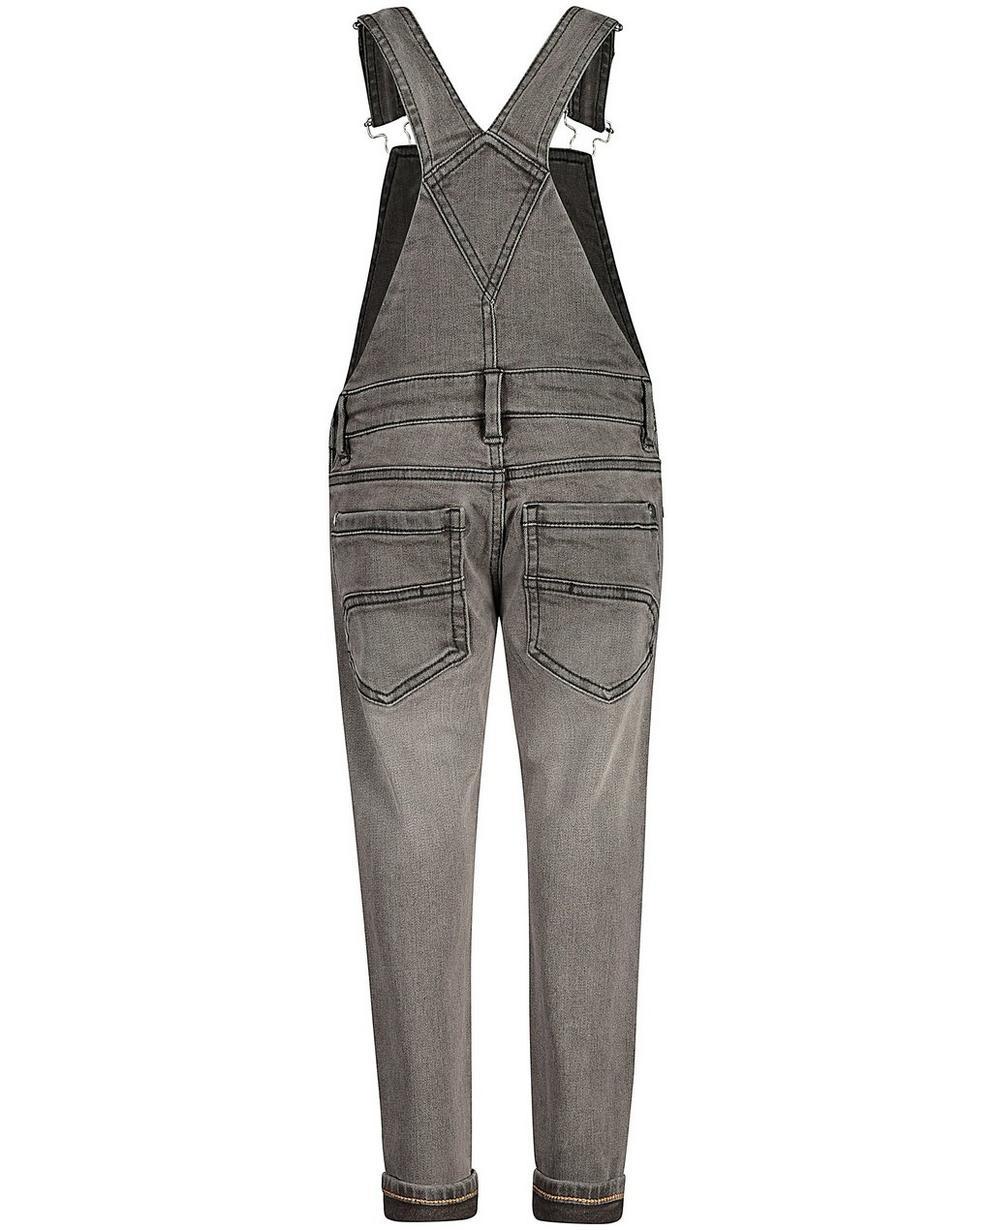 Jeans - Grau - Grijze salopette